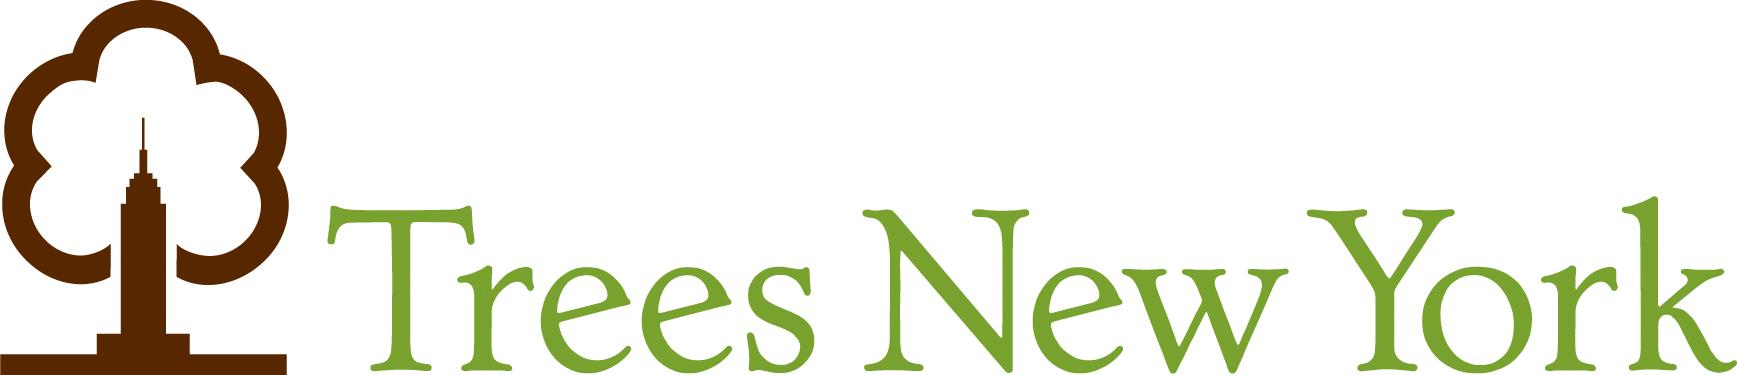 TreesNY logo_updated.jpg